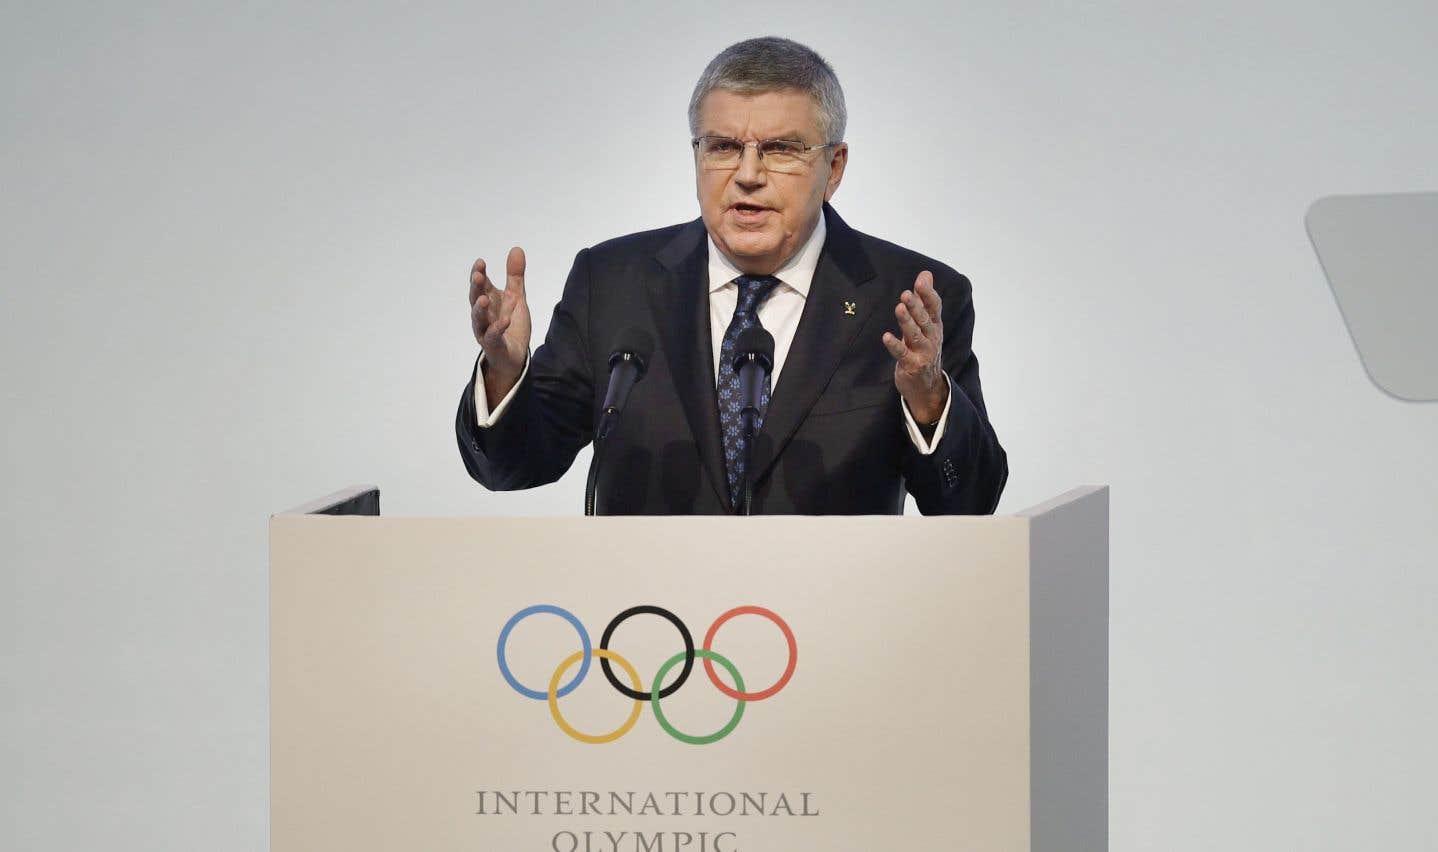 Le dopage encore à l'avant-scène à la veille des Jeux olympiques